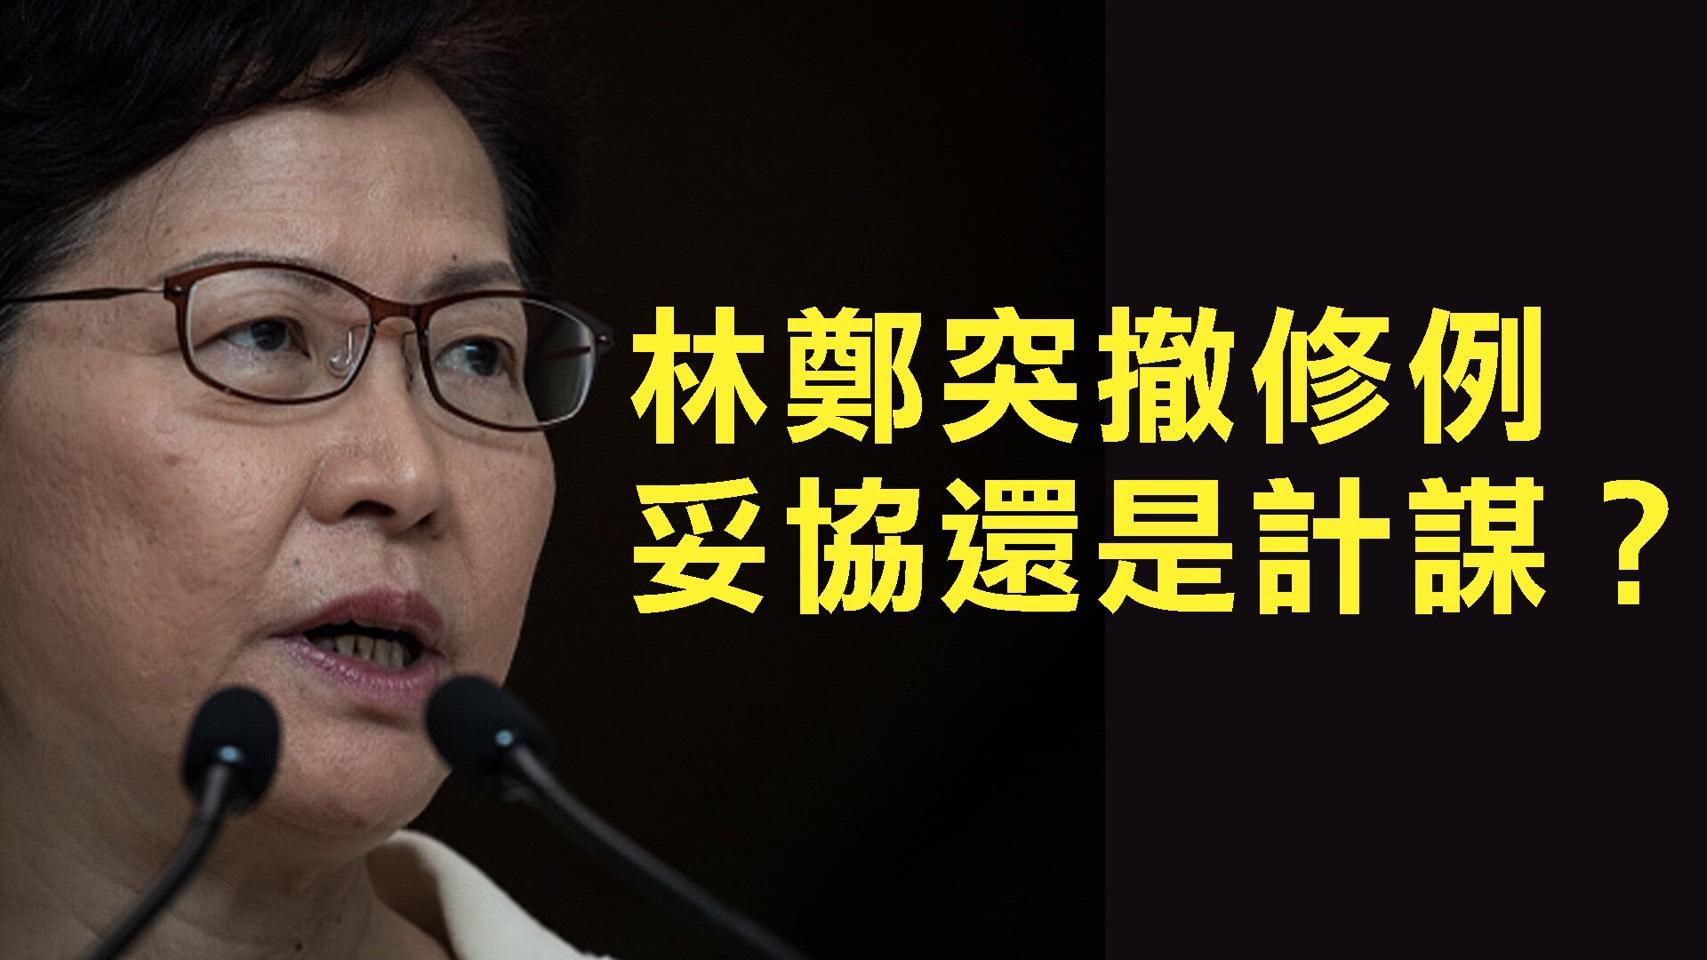 【熱點互動】林鄭突撤修例 妥協還是計謀